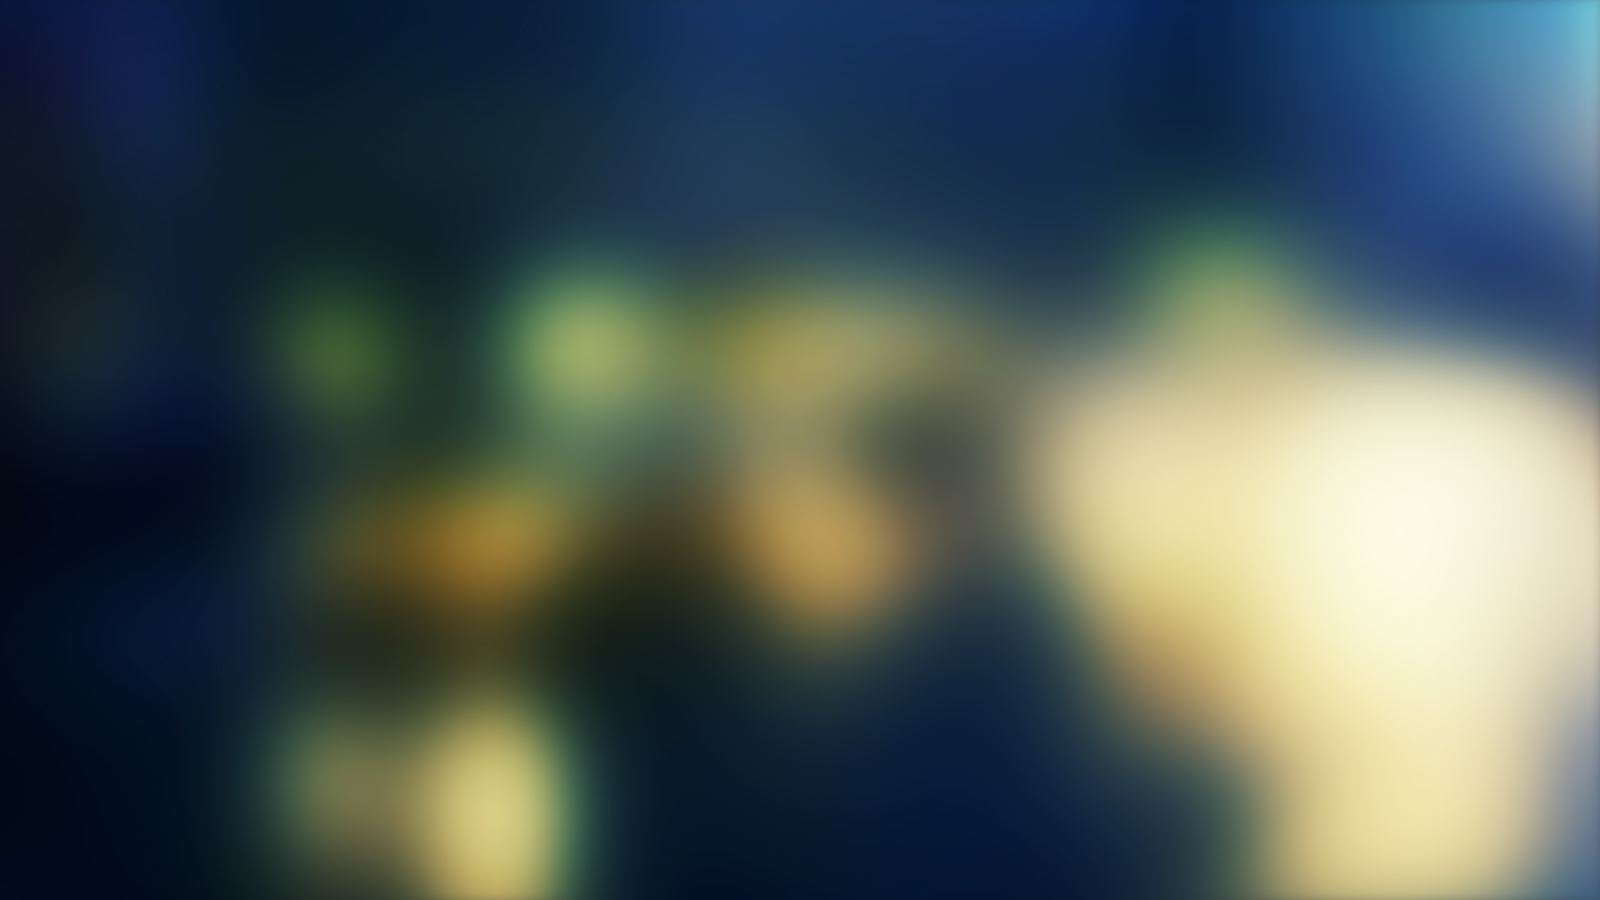 壁纸1600×900朦胧风格宽屏壁纸 1600x900 壁纸1壁纸 朦胧风格宽屏壁纸 1壁纸图片系统壁纸系统图片素材桌面壁纸